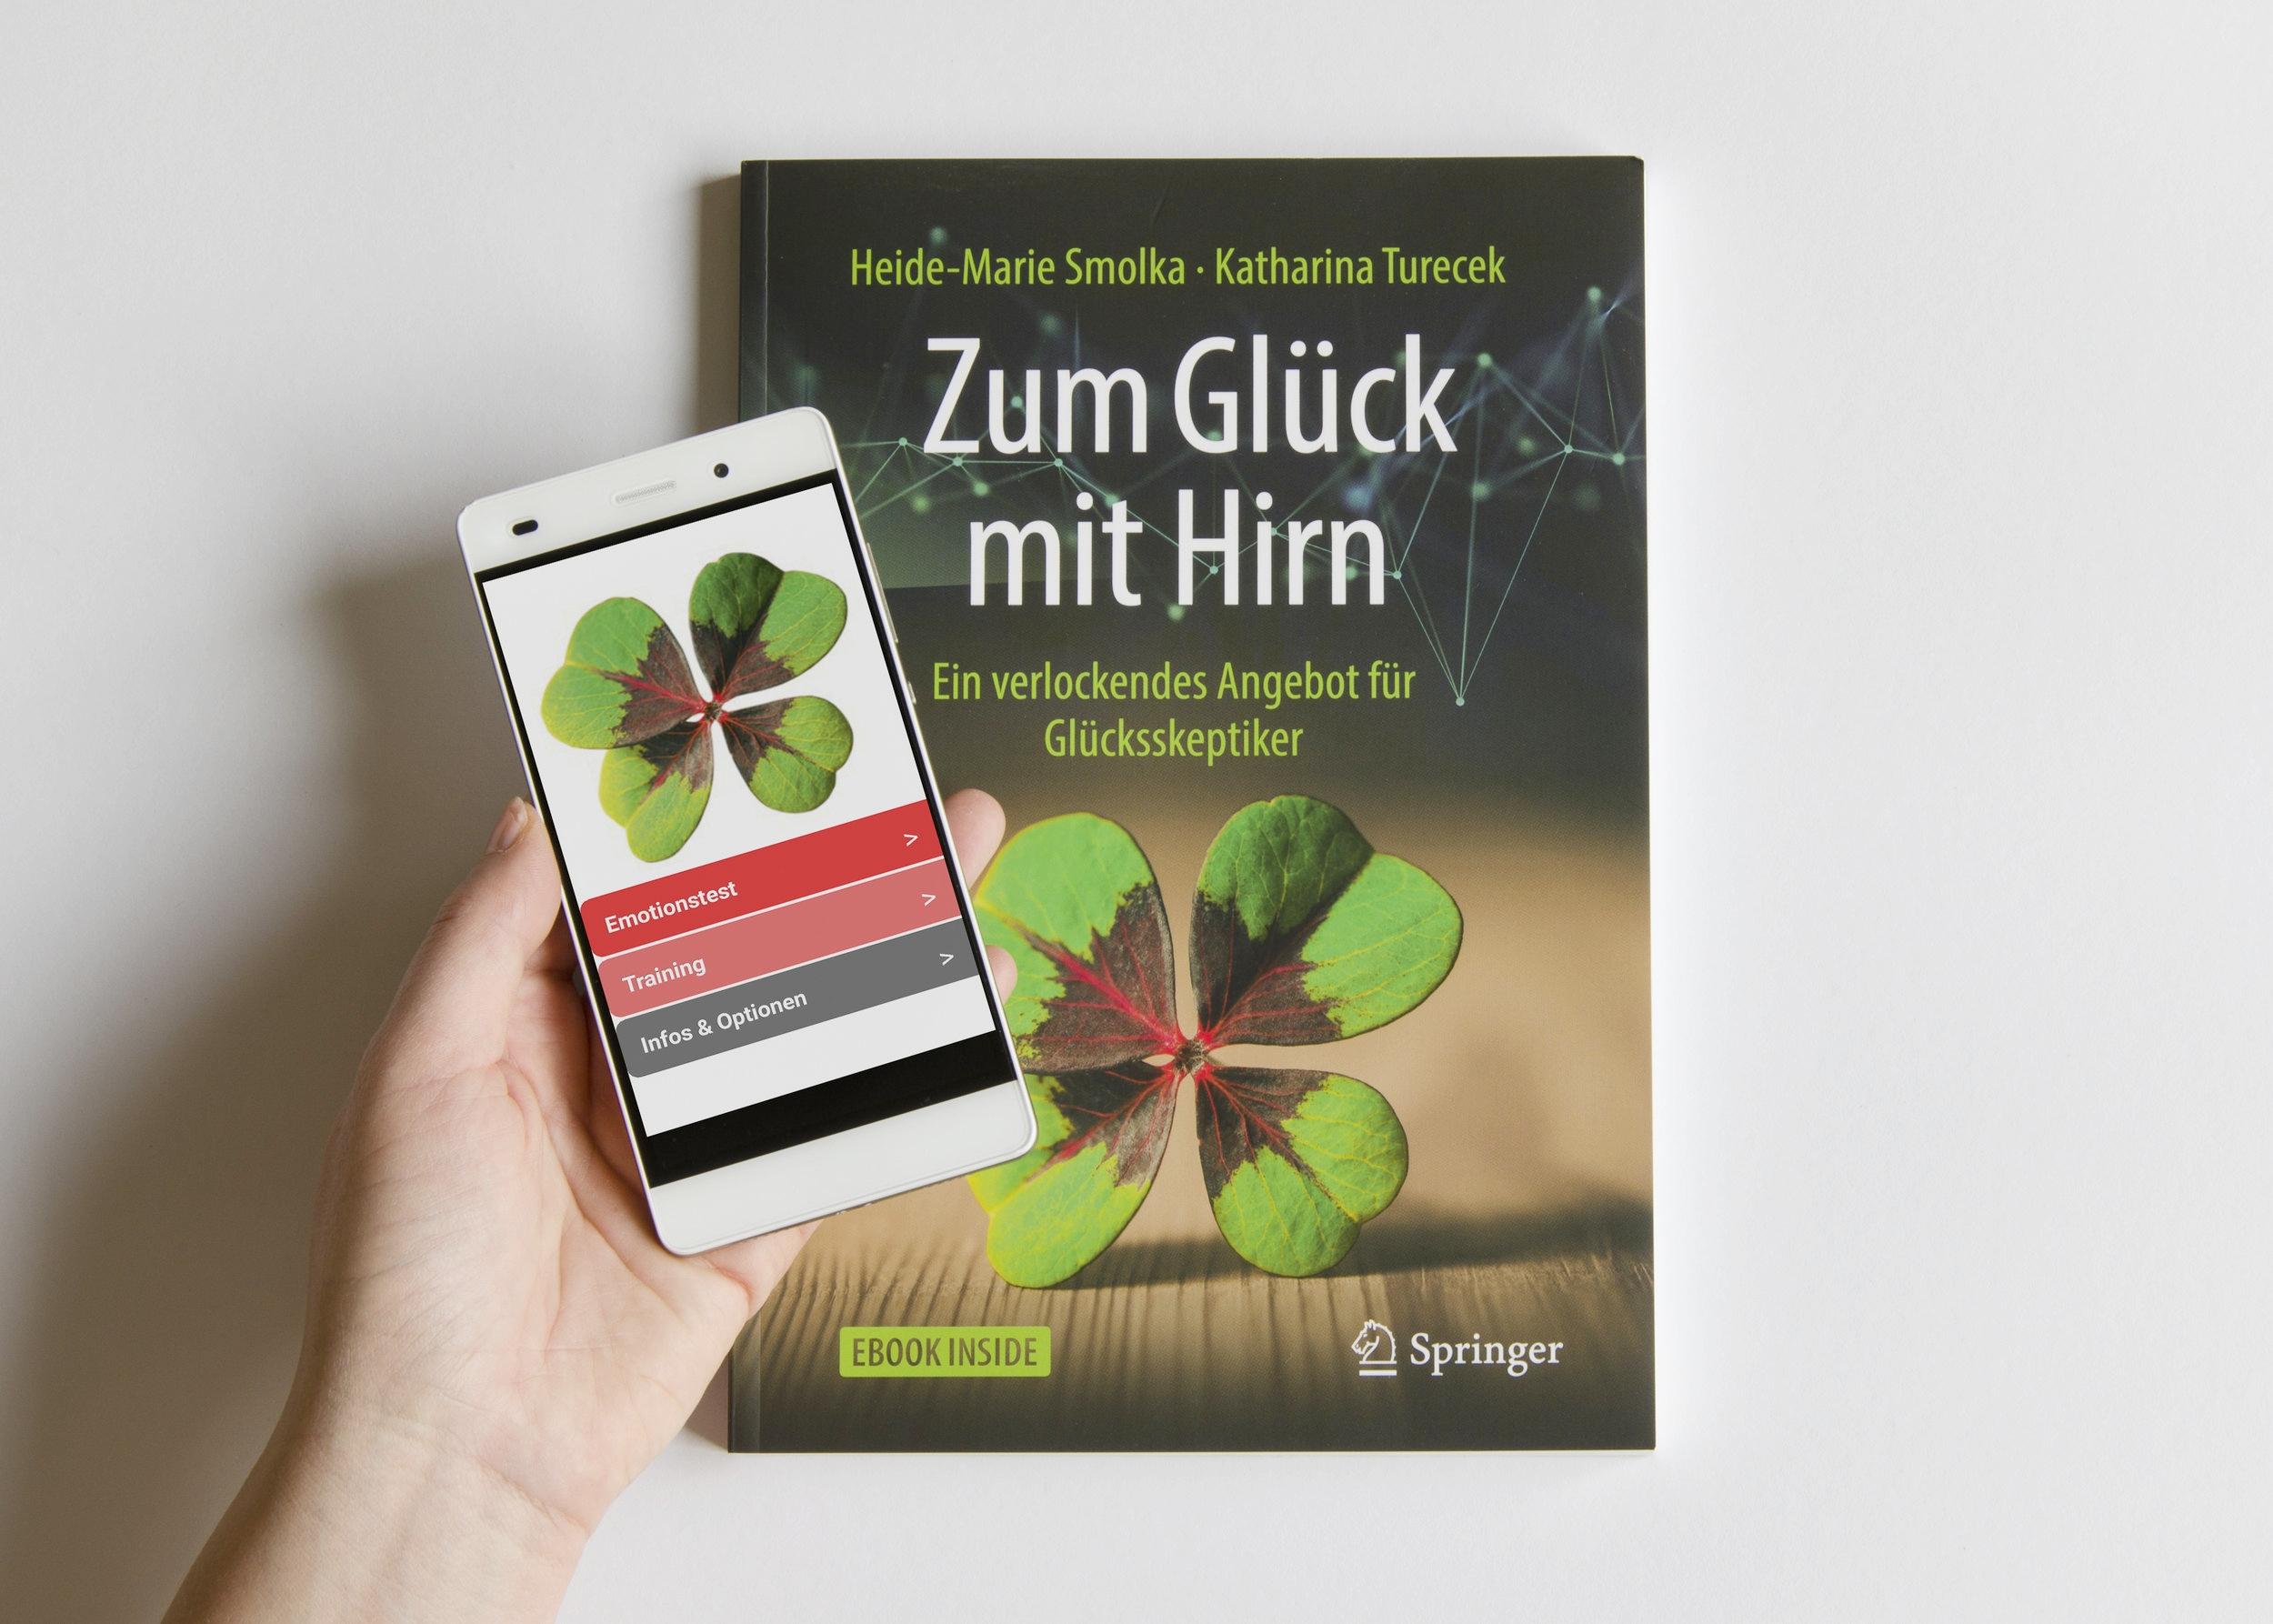 Smolka_Turecek_Buch_und_App.jpg